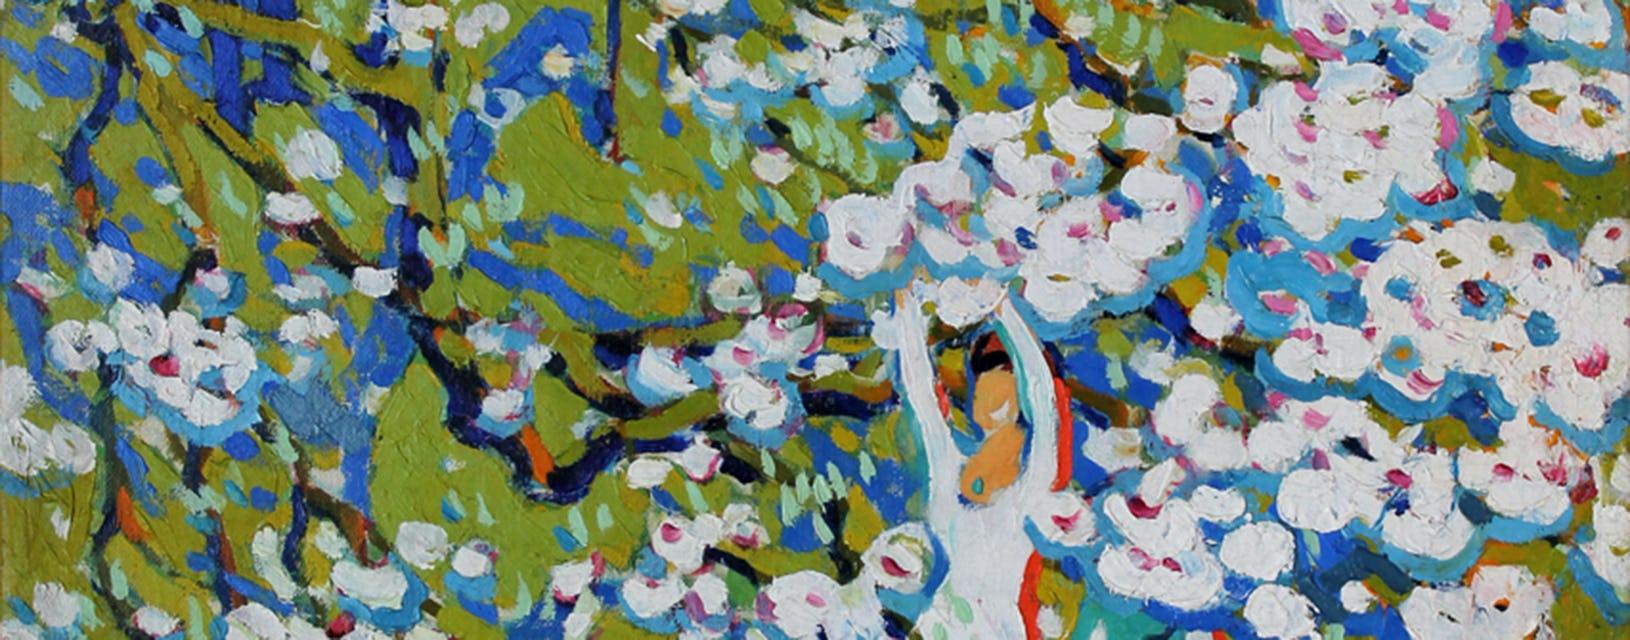 David Milne, Painting, Milne